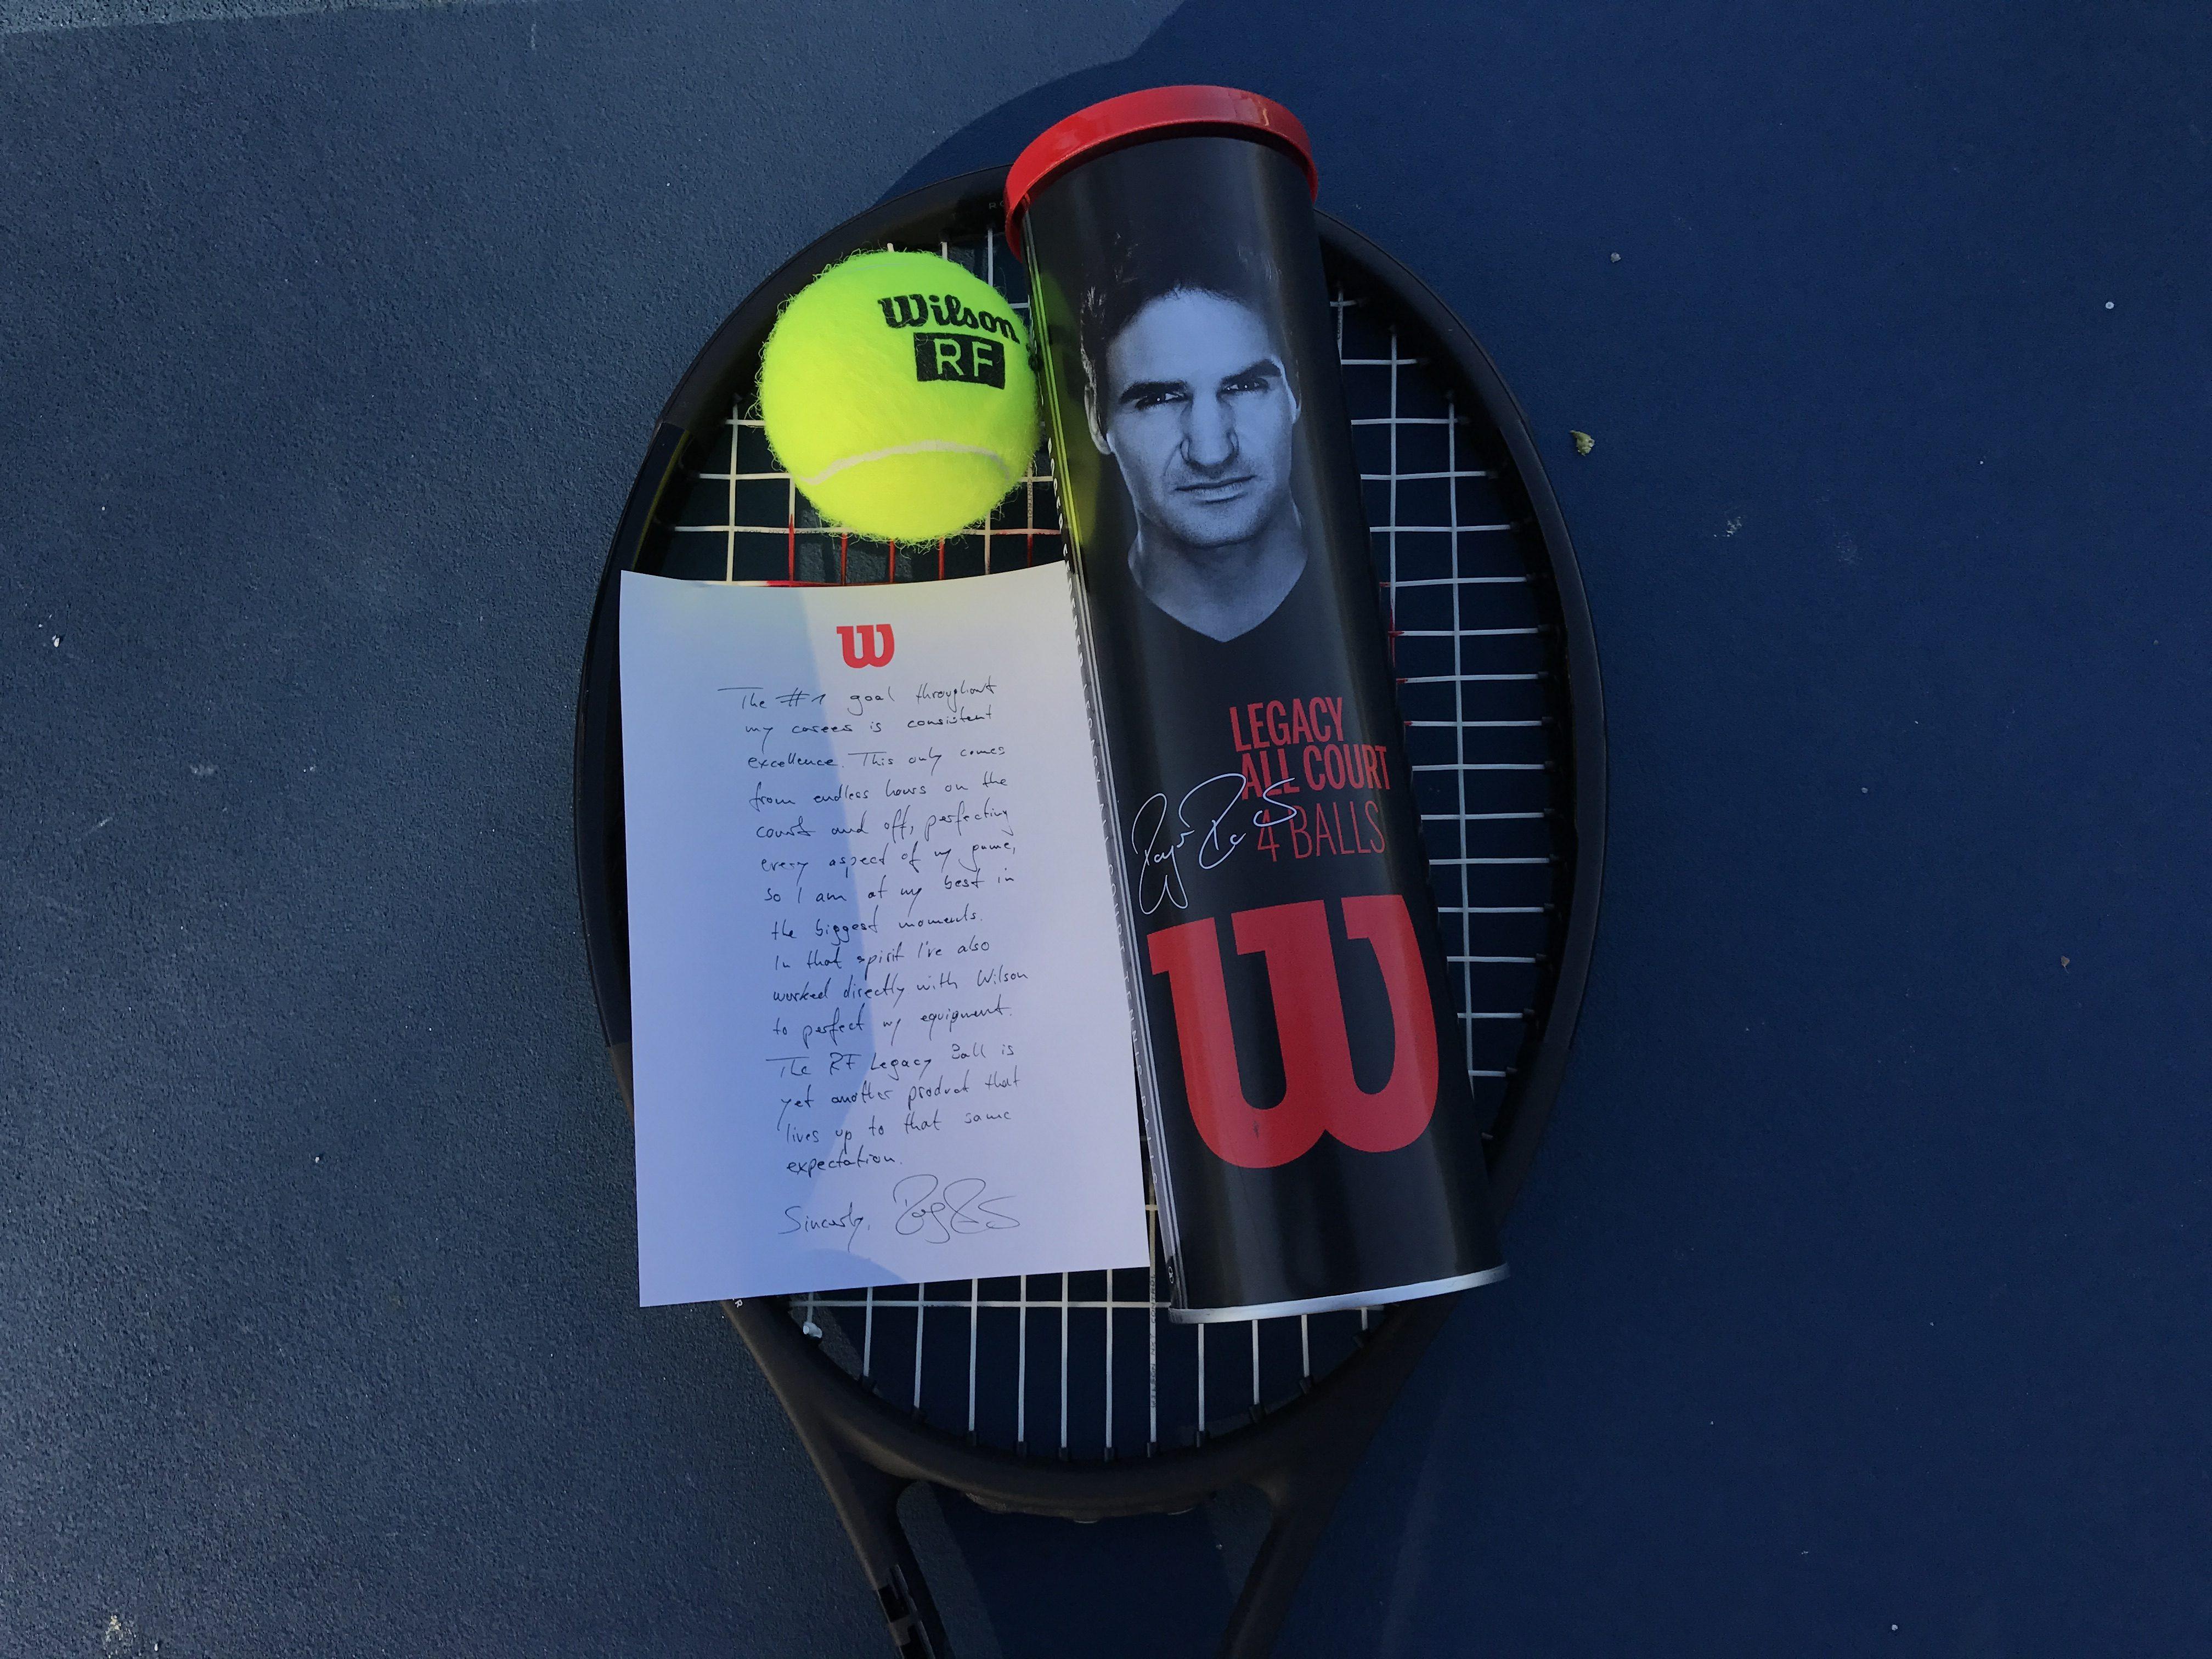 The Roger Federer Legacy Tennis Ball Fedfan